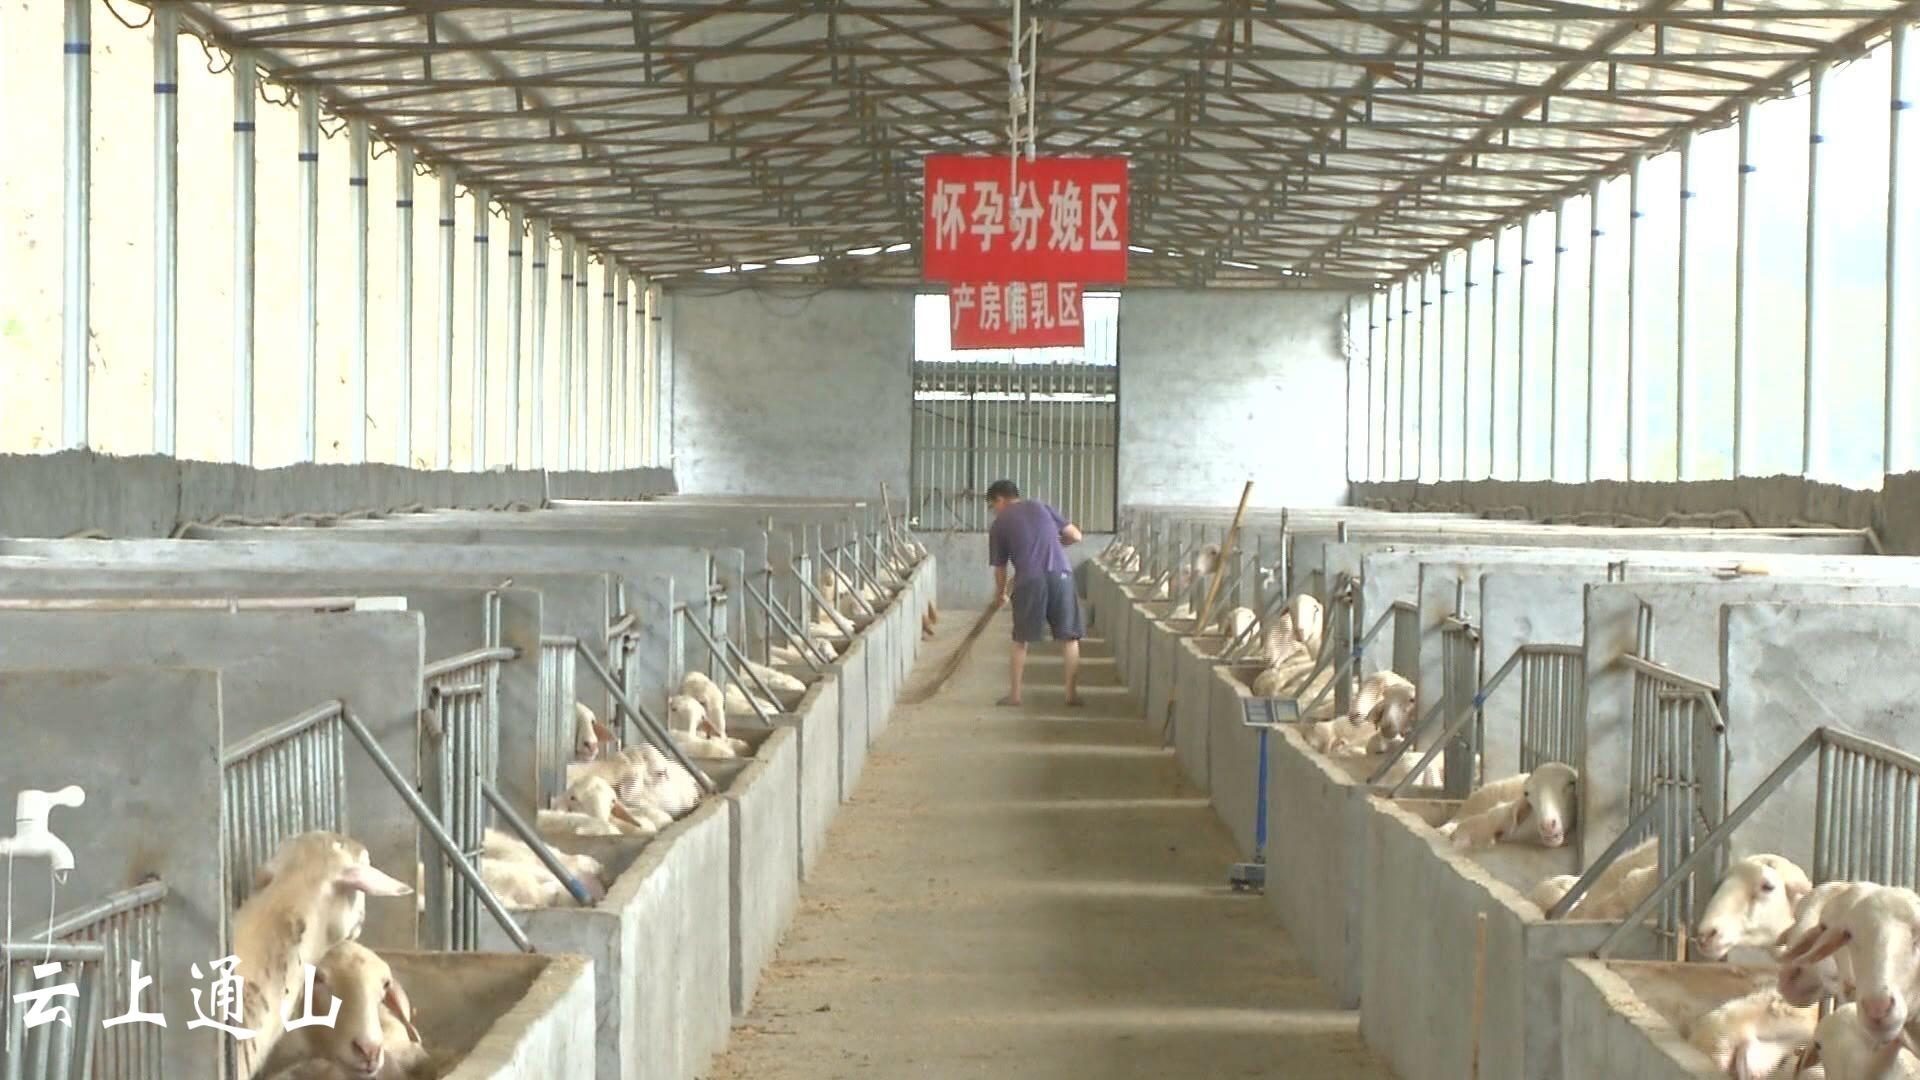 通山人口_通山县关于加强冬春季返乡人员疫情防控工作的通告